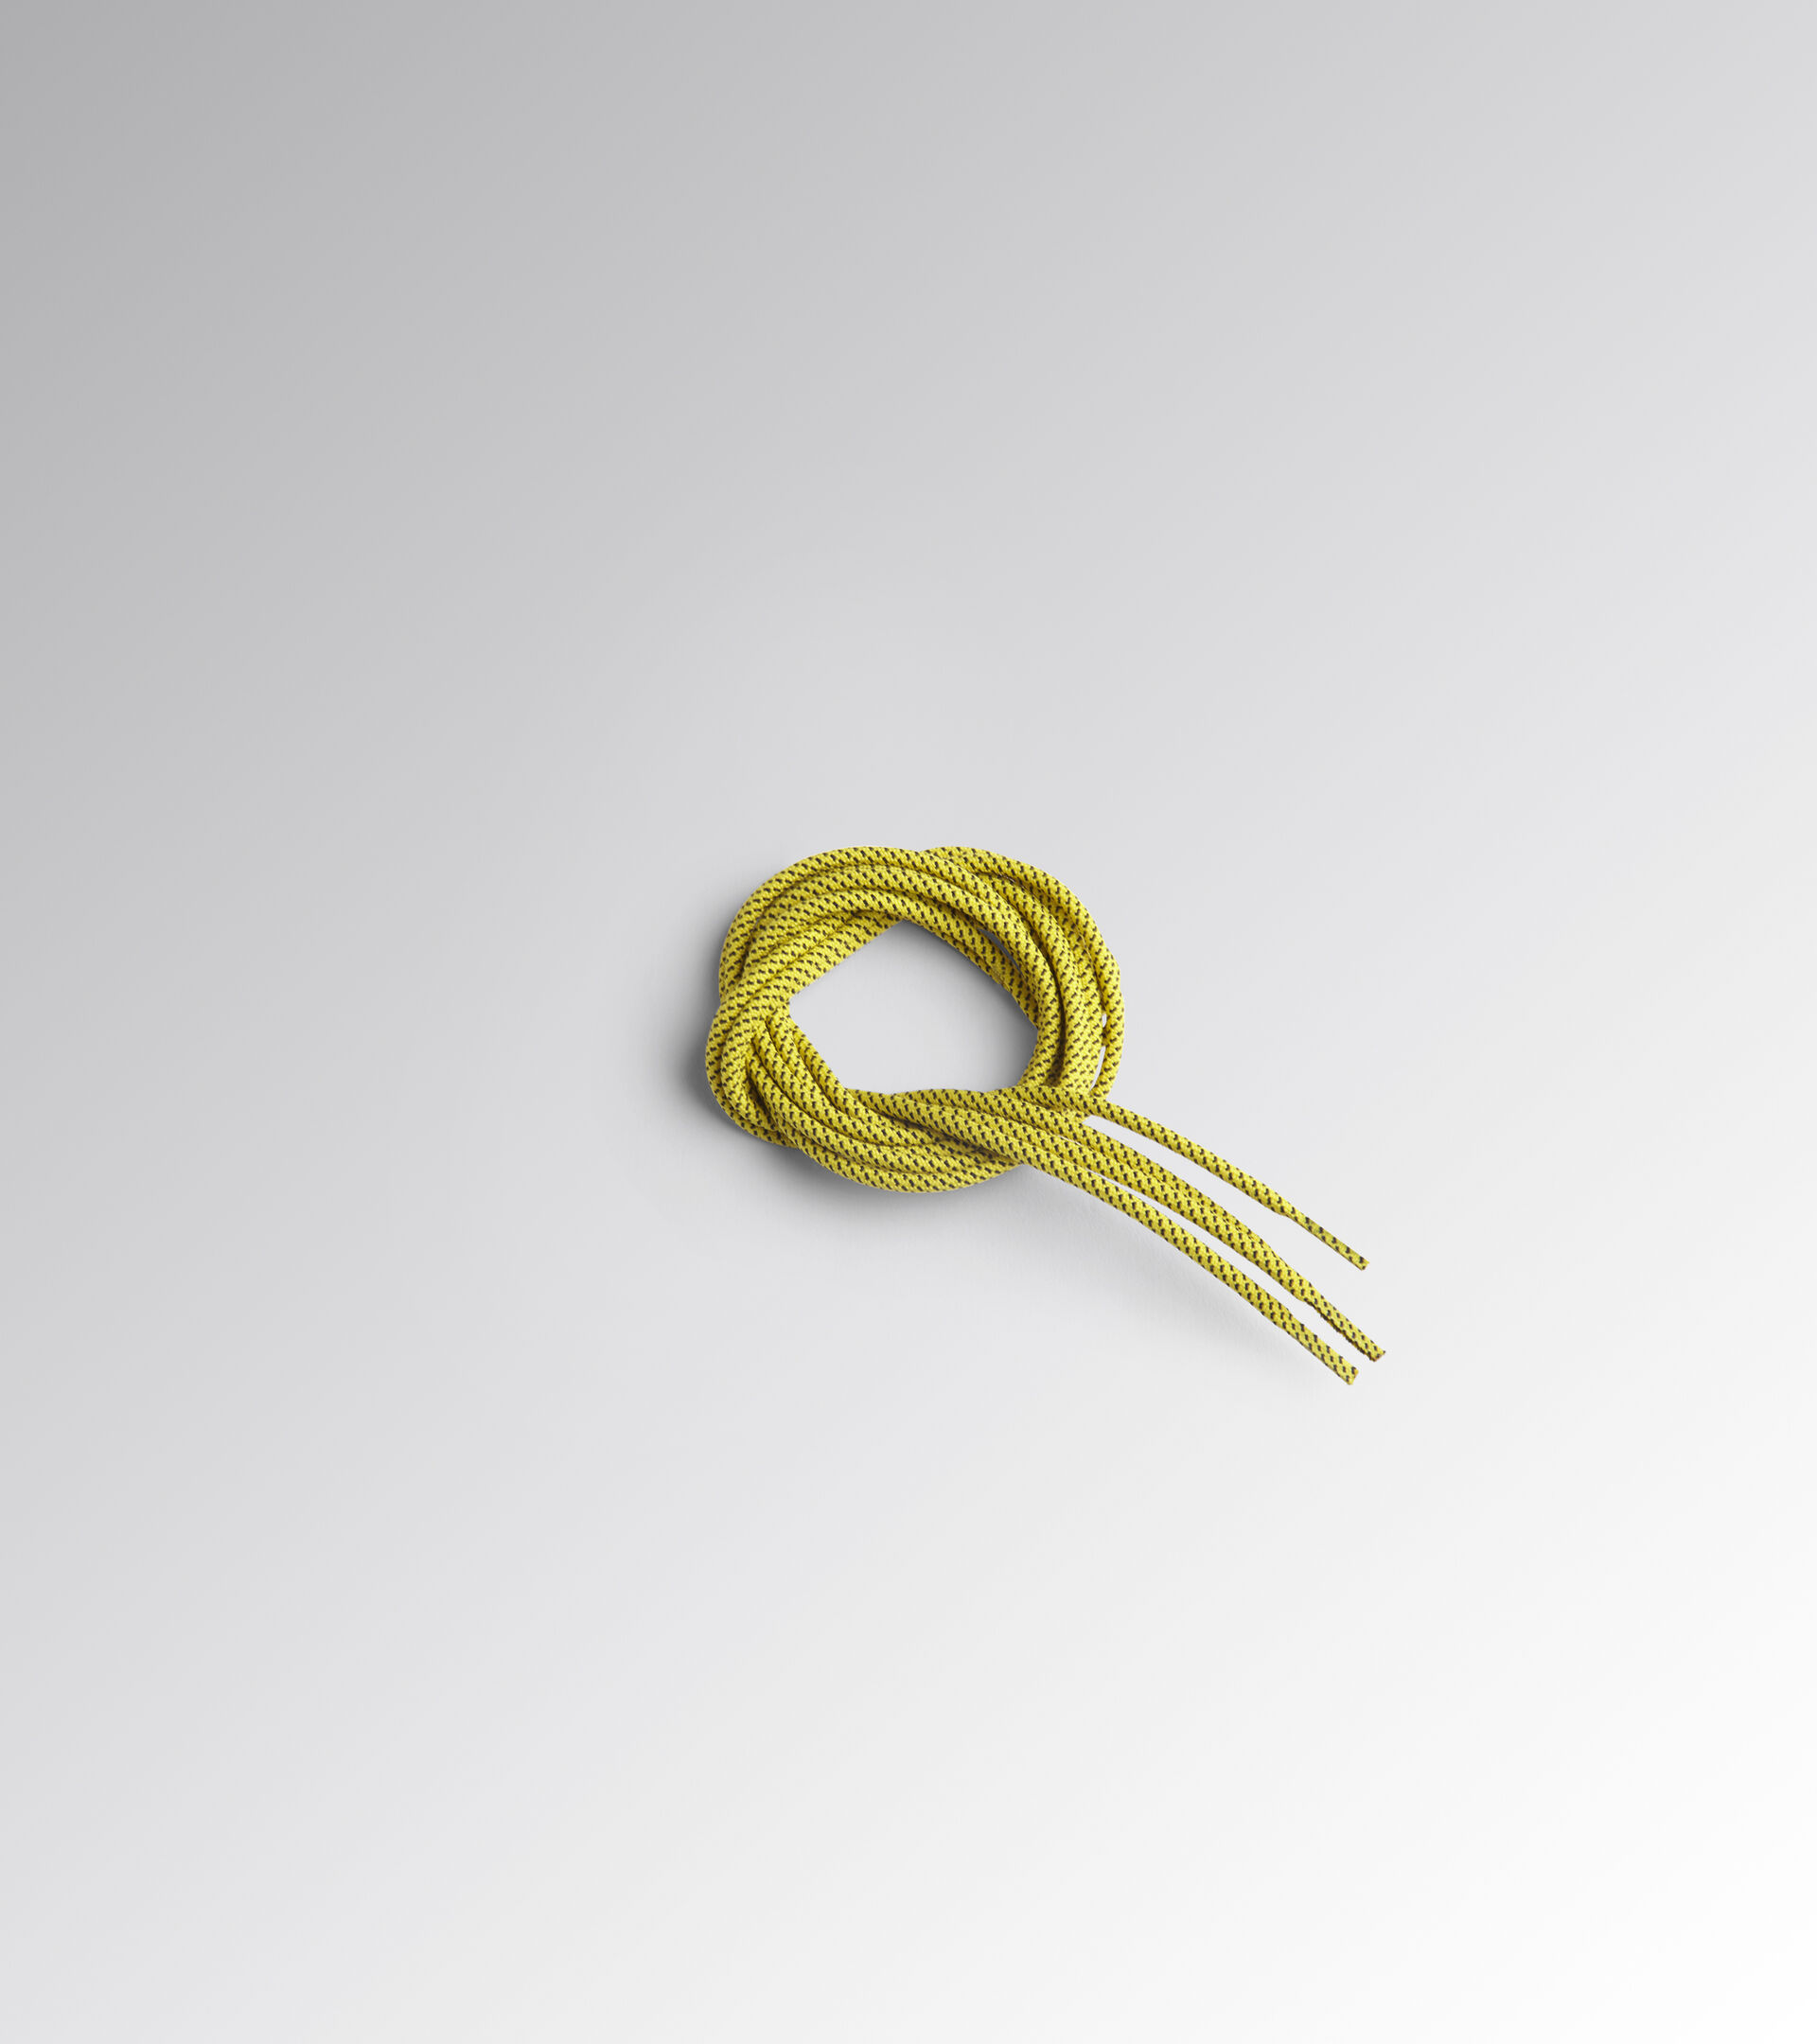 Accessories Utility UOMO LACCIO TONDO PUNTINATO TERMO 140 CM CYBER YELLOW/BLACK Utility